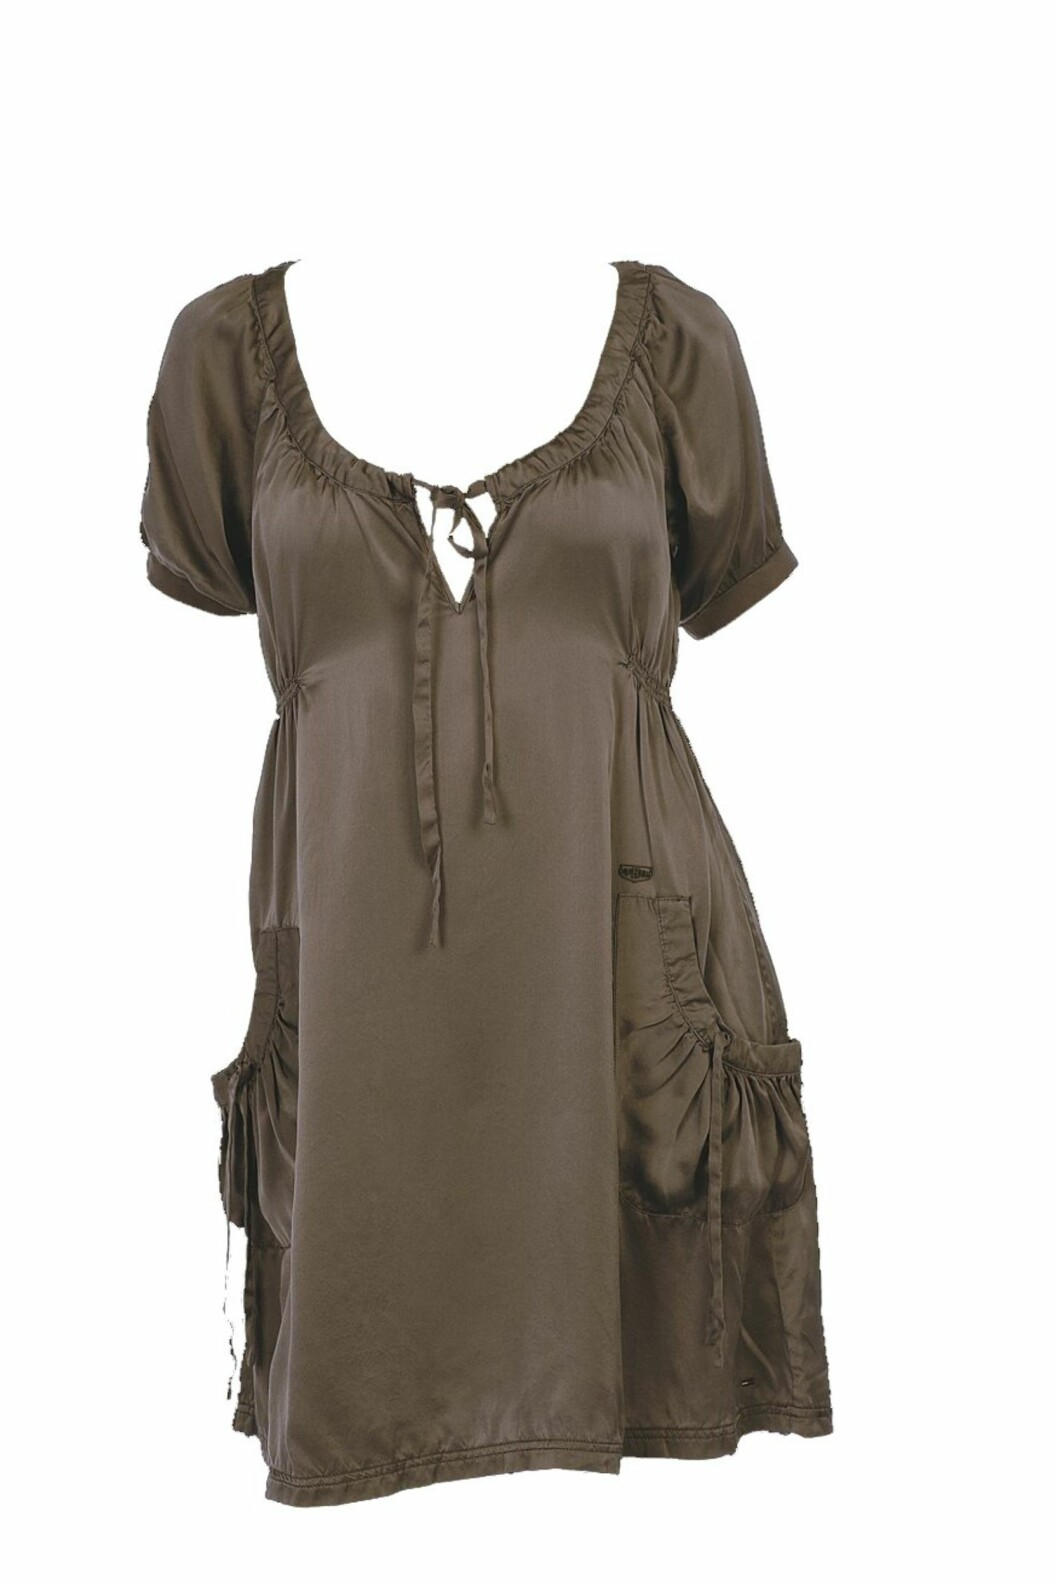 Anvendelig kjole i brun silke (kr 1500, Tommy Hillfiger).